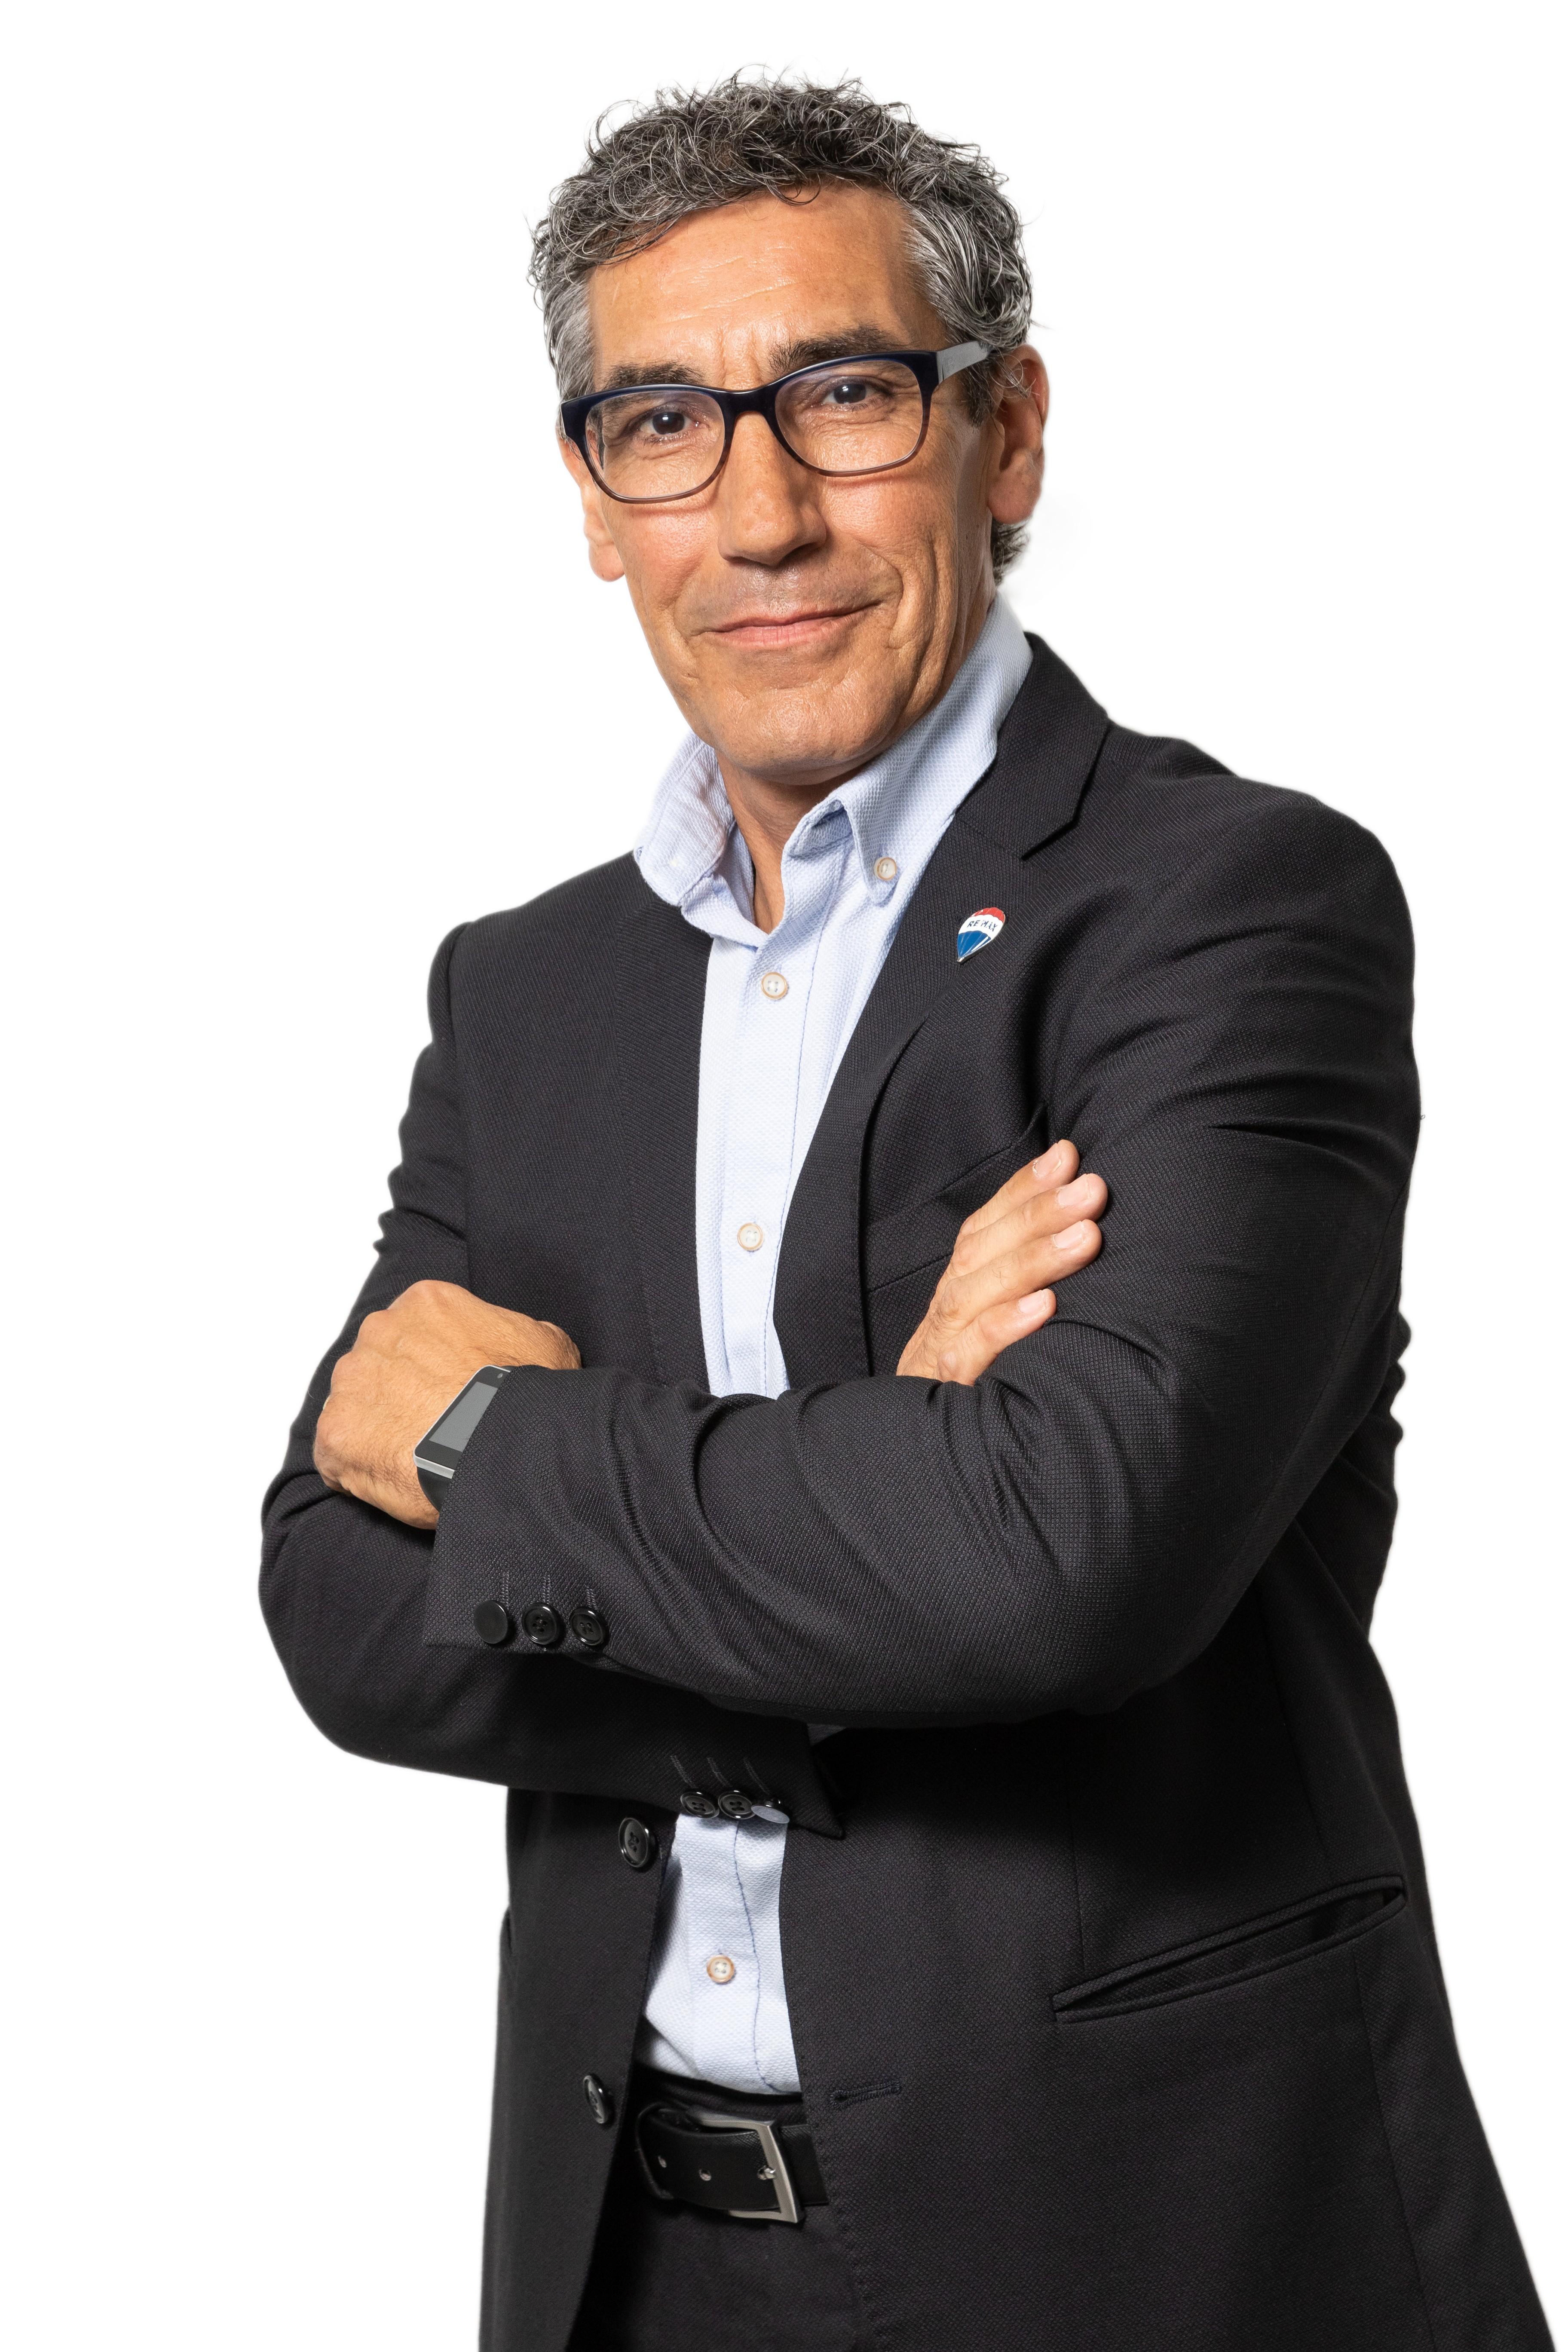 Juan Antonio Hernandez Esteban